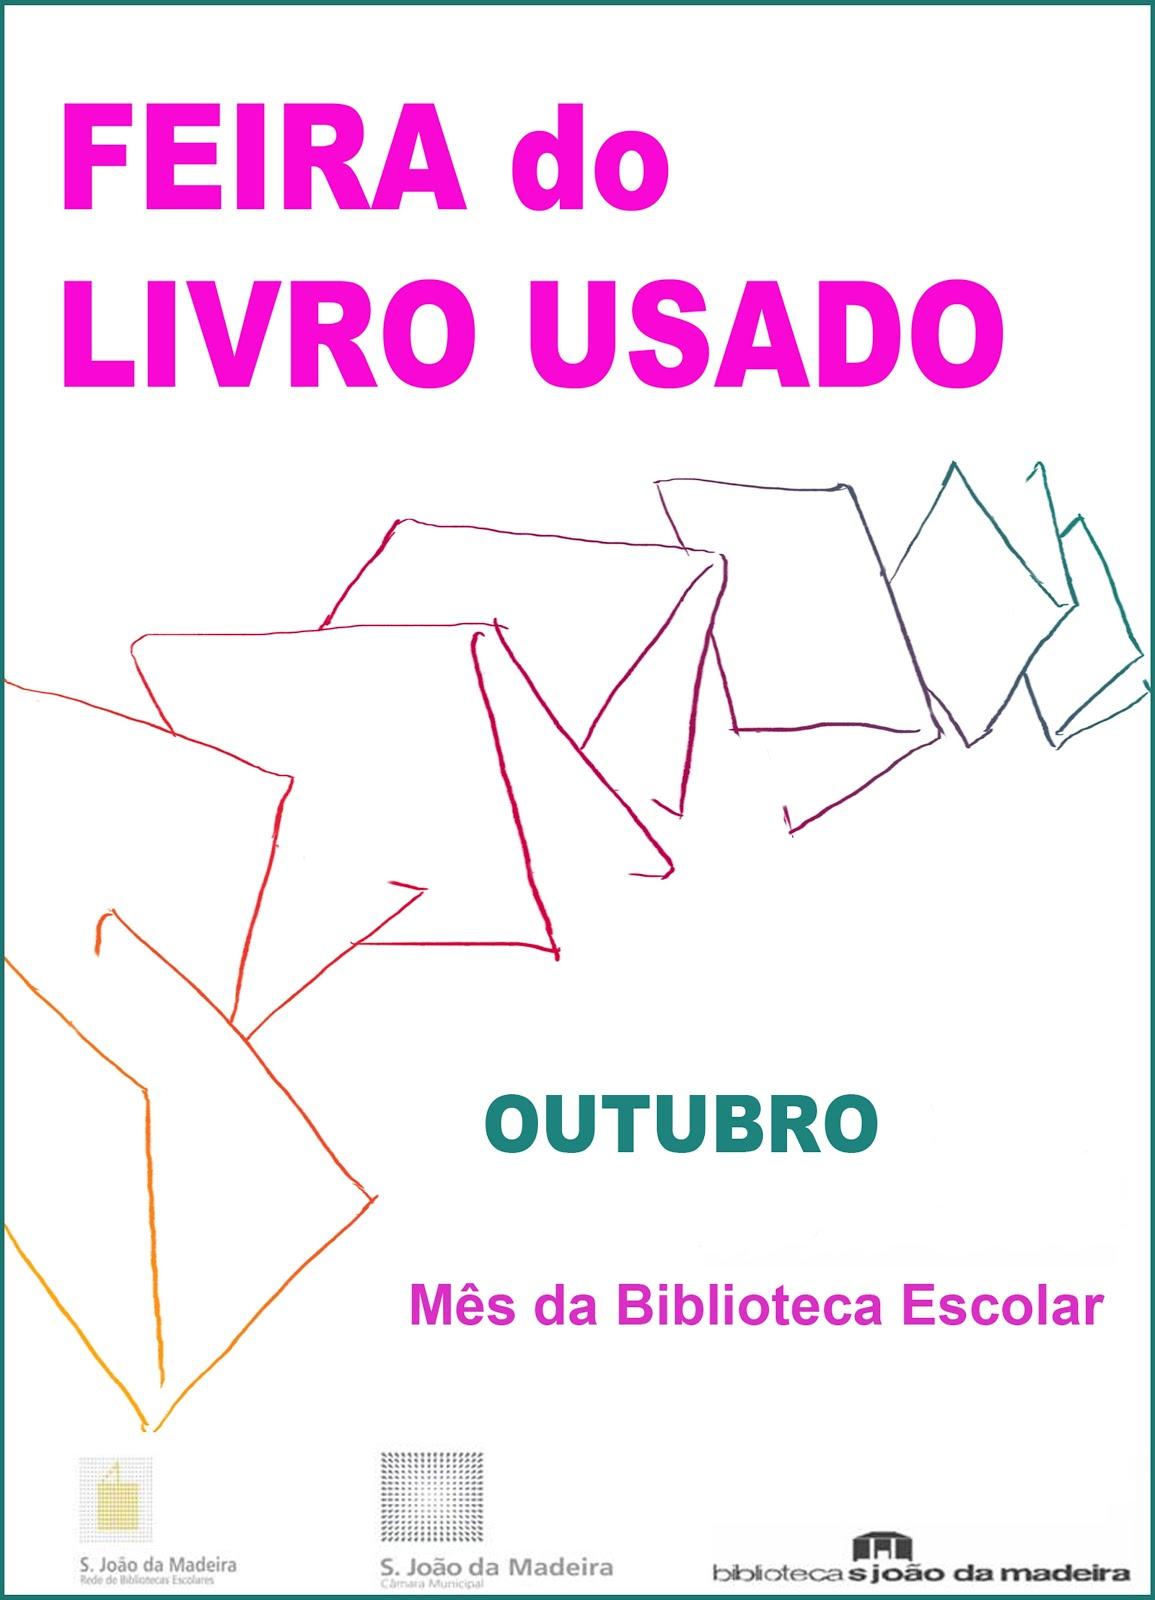 FEIRA DO LIVRO USADO (Biblioteca Municipal)